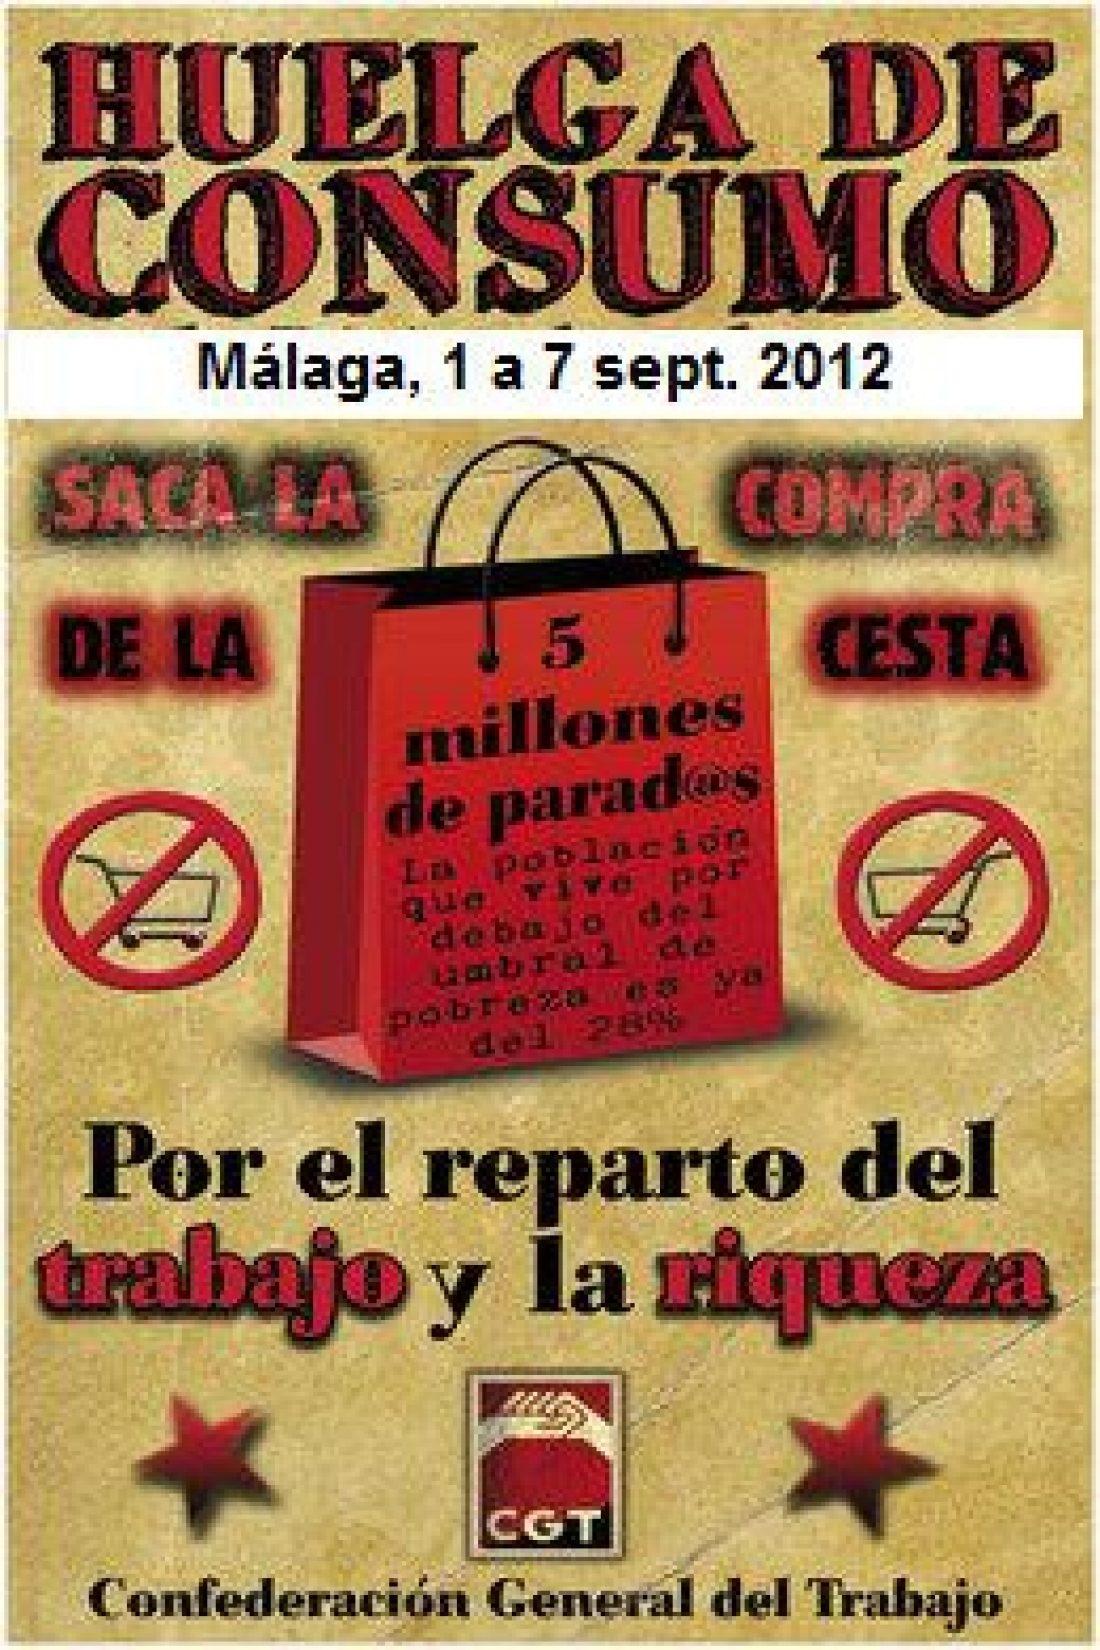 CGT Málaga, montó piquetes informativos sobre la huelga de consumo y participó en la marcha obrera